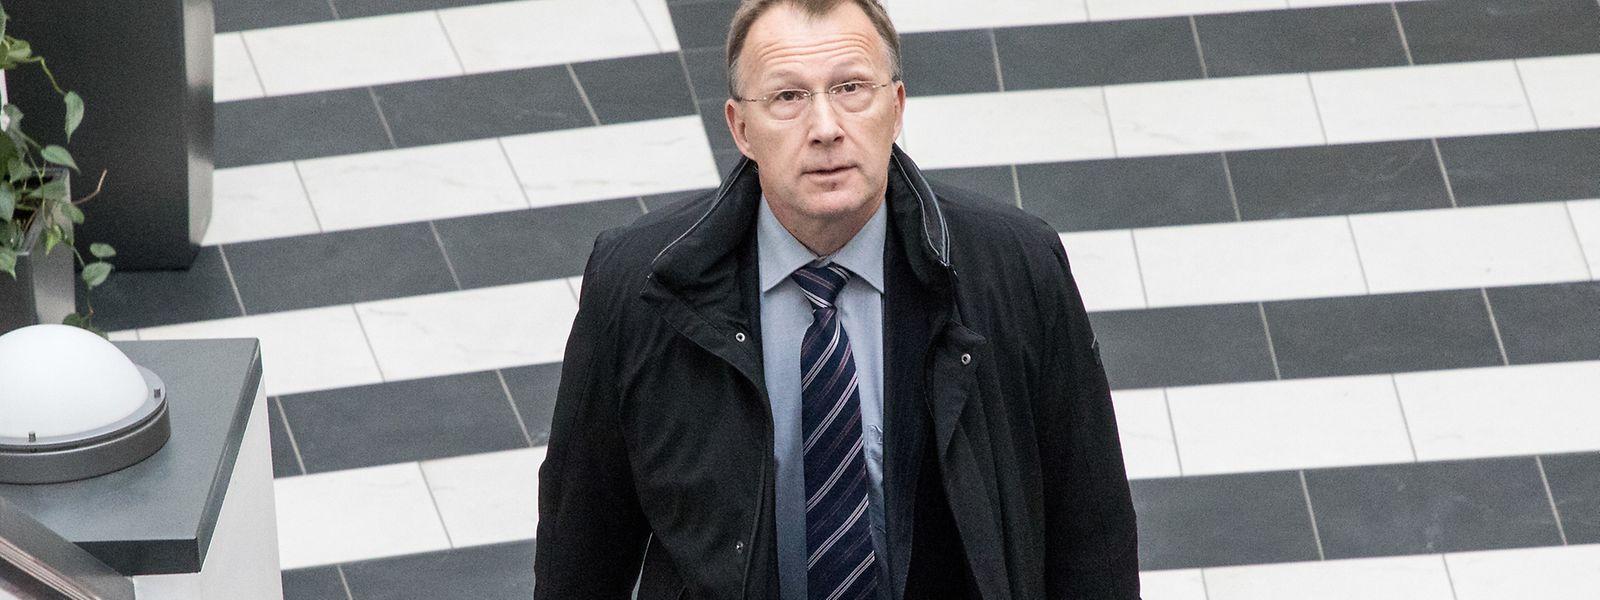 Marco Mille war 2007 Leiter des Geheimdienstes und ist einer von drei Angeklagten im SREL-Prozess.